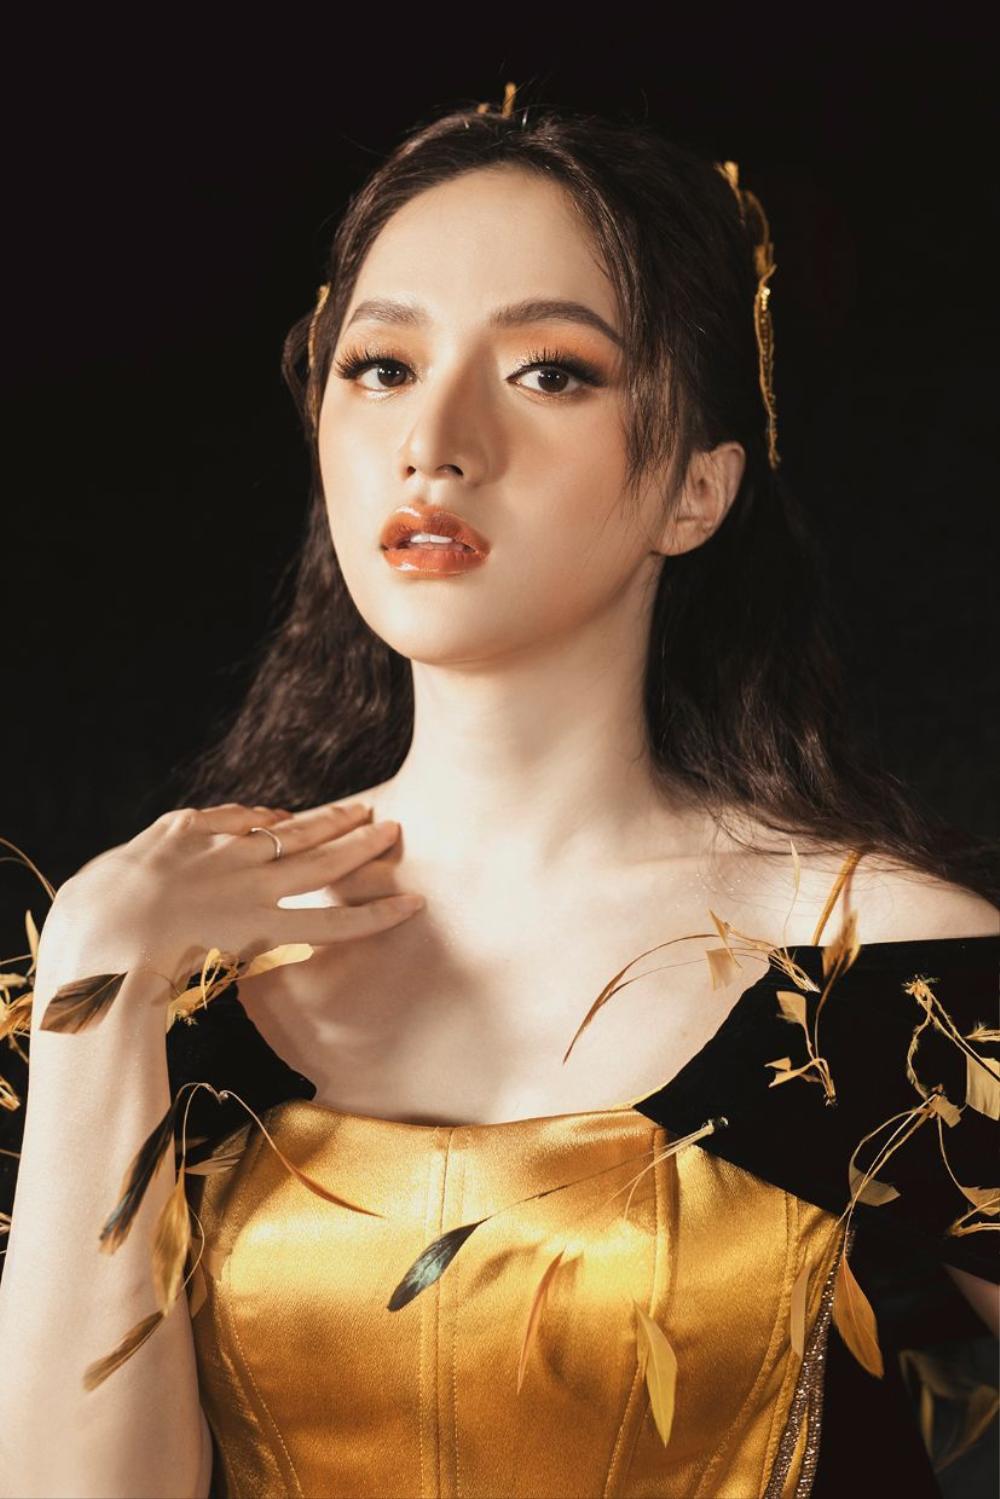 3 lần Hoa hậu Hương Giang gặp 'ngập chìm' trong scandal với 3 cá tính đáp trả dư luận khác nhau Ảnh 1